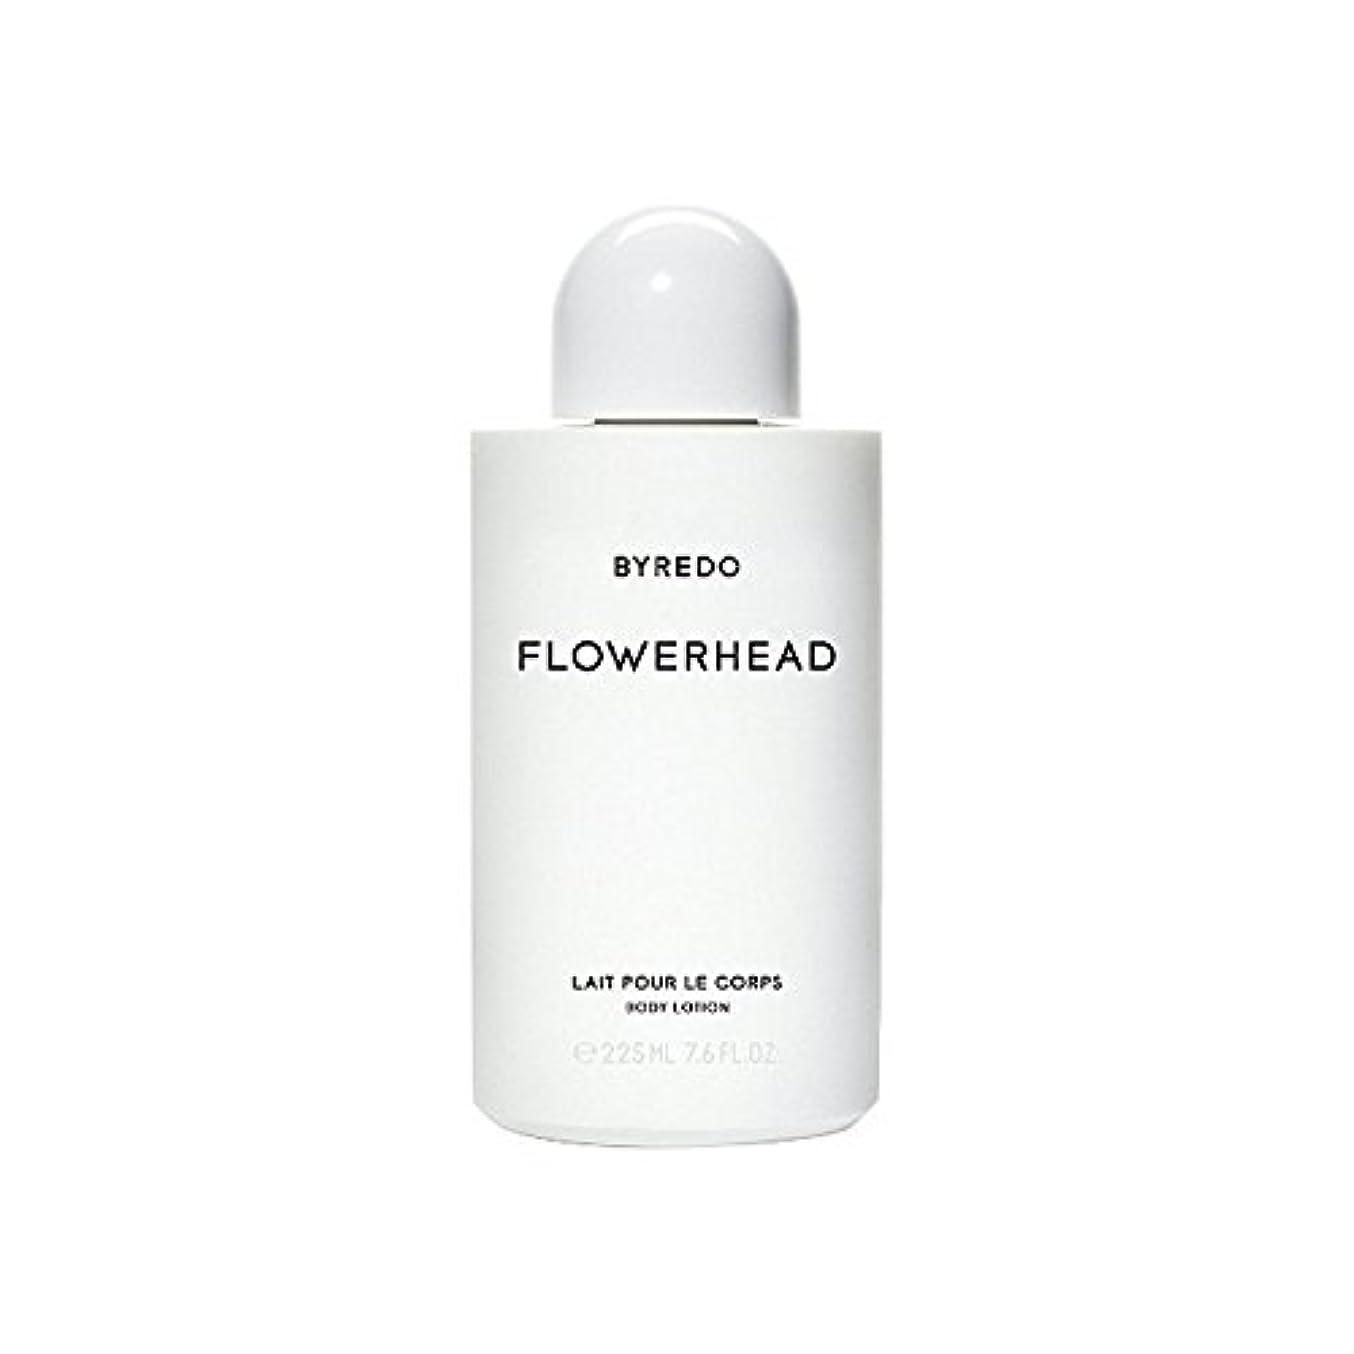 タブレット奇跡かすれたボディローション225ミリリットル x4 - Byredo Flowerhead Body Lotion 225ml (Pack of 4) [並行輸入品]